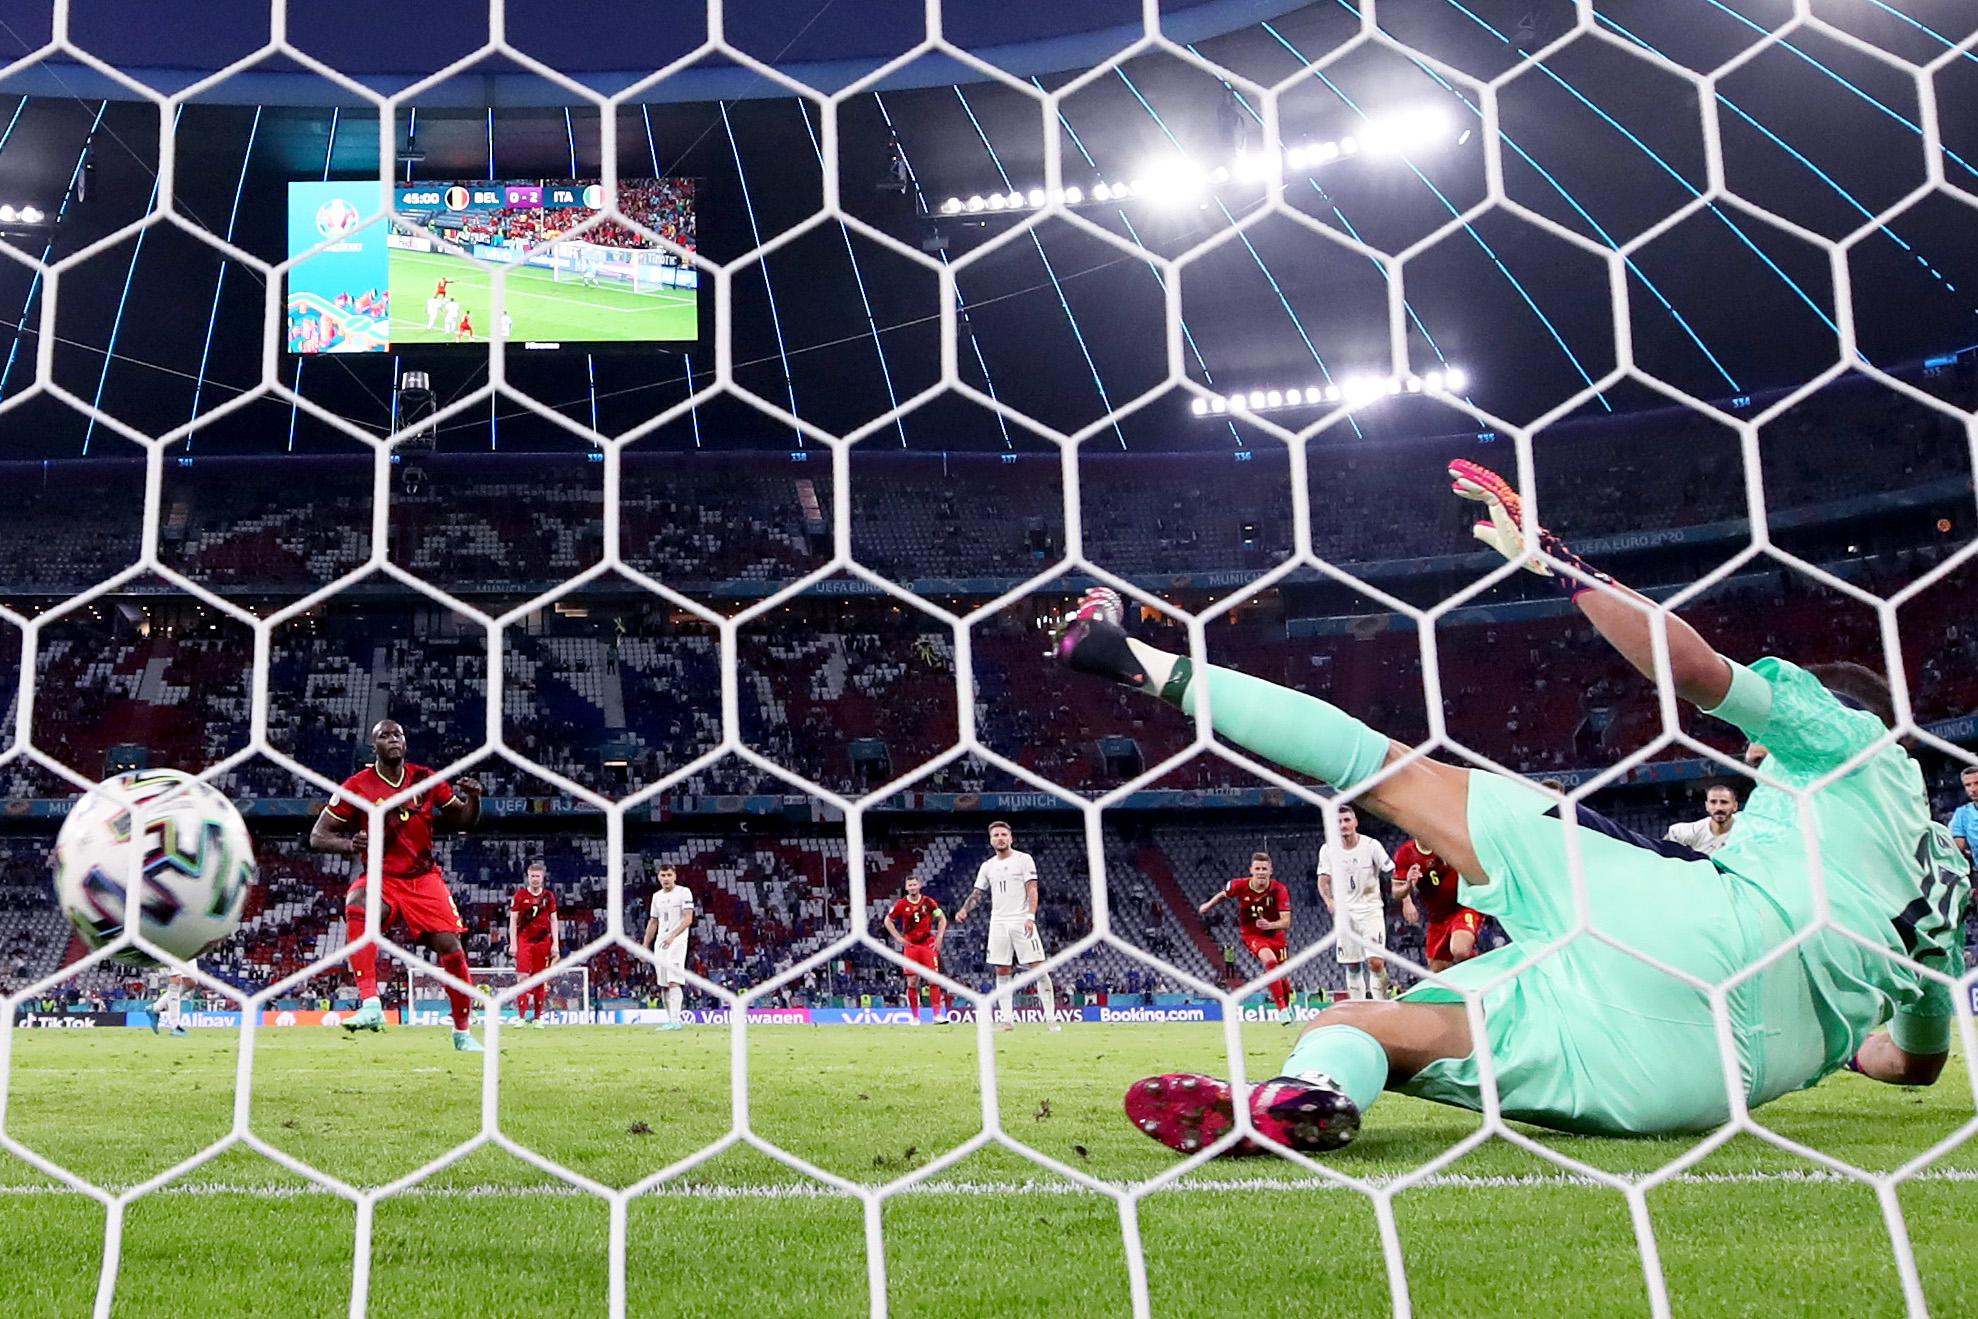 Cosa ha detto Lukaku a Donnarumma, il retroscena |  Sport e Vai